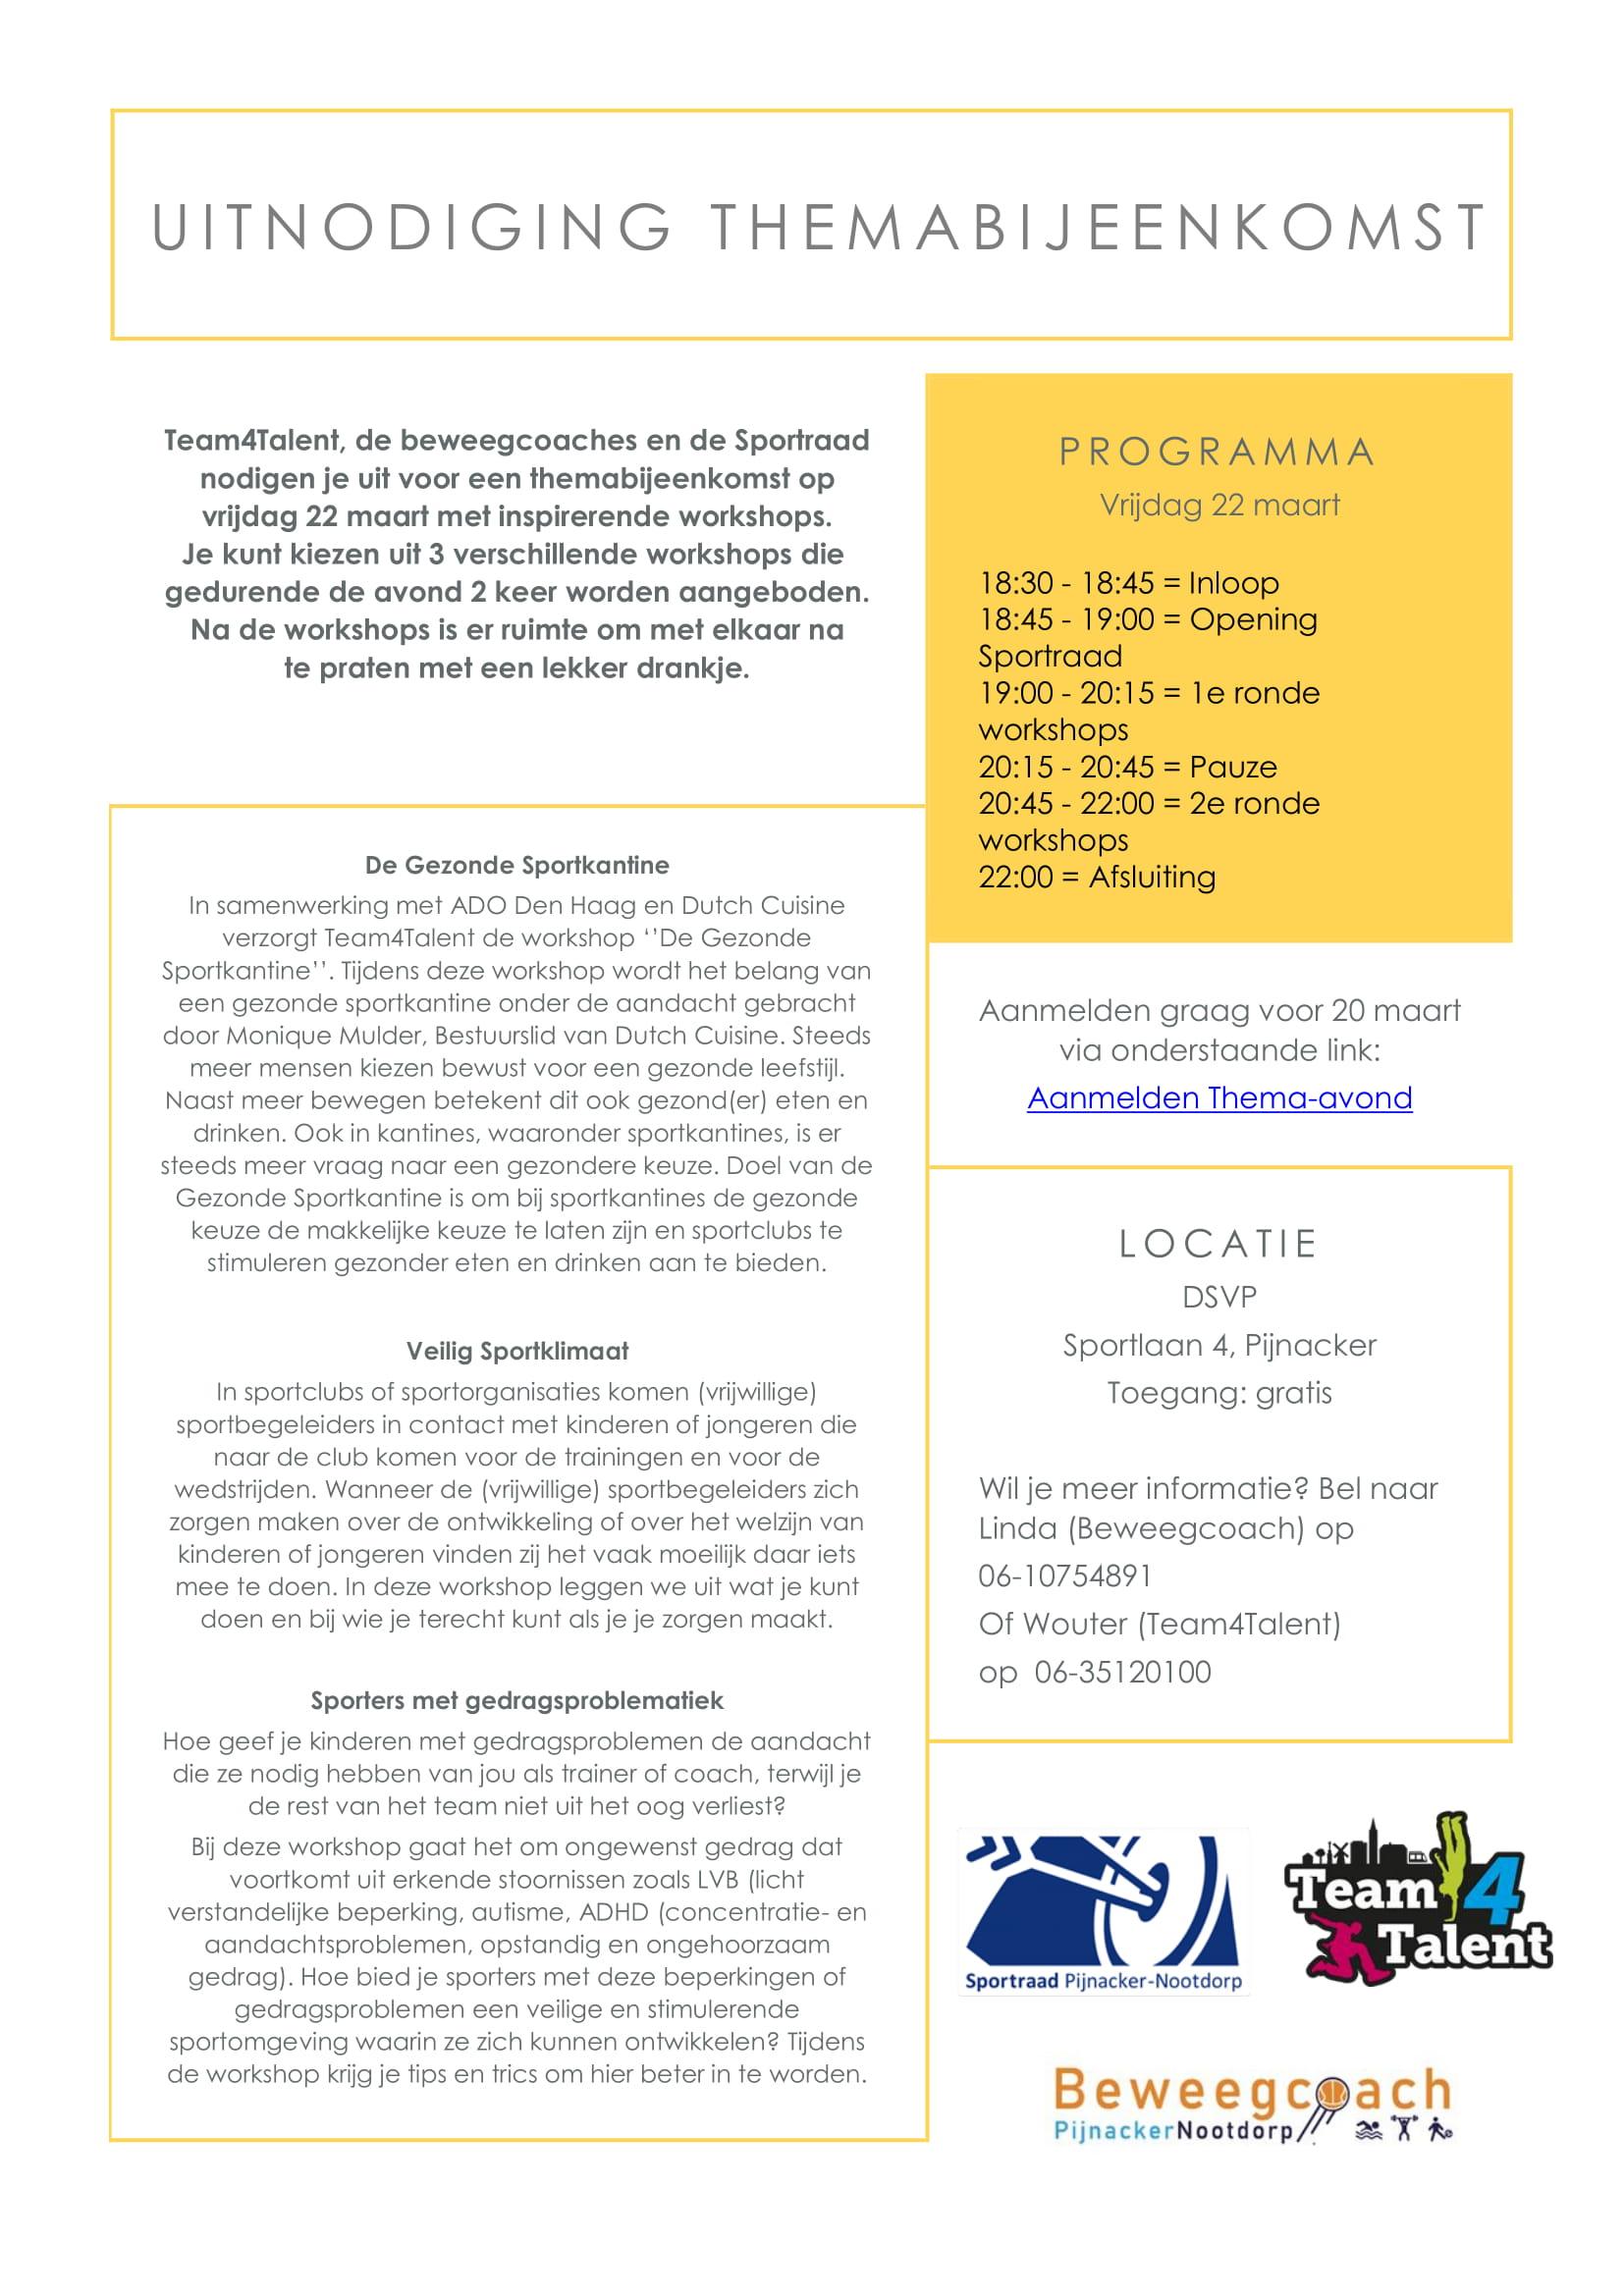 uitnodiging themabijeenkomst 22 maart 2019-1